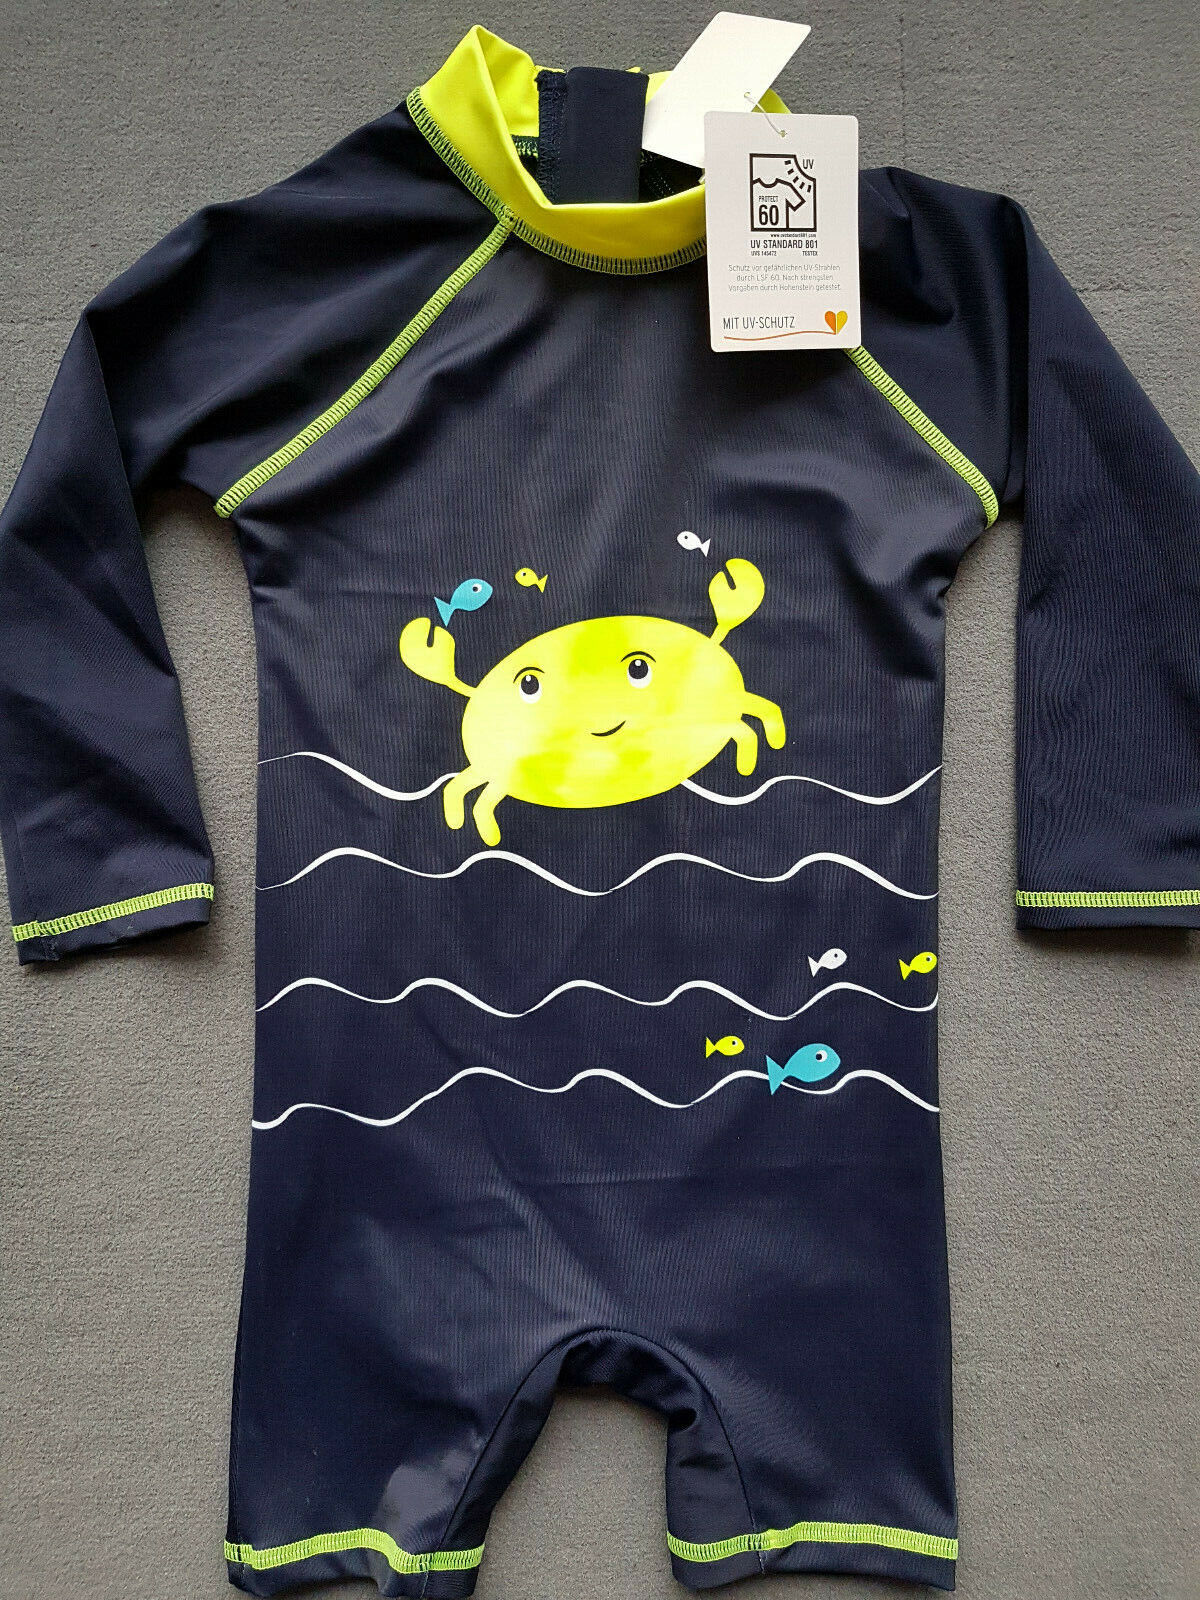 UV-Schutz 60+ Schwimmanzug Badeanzug Overall Jungs blau Gr. 80